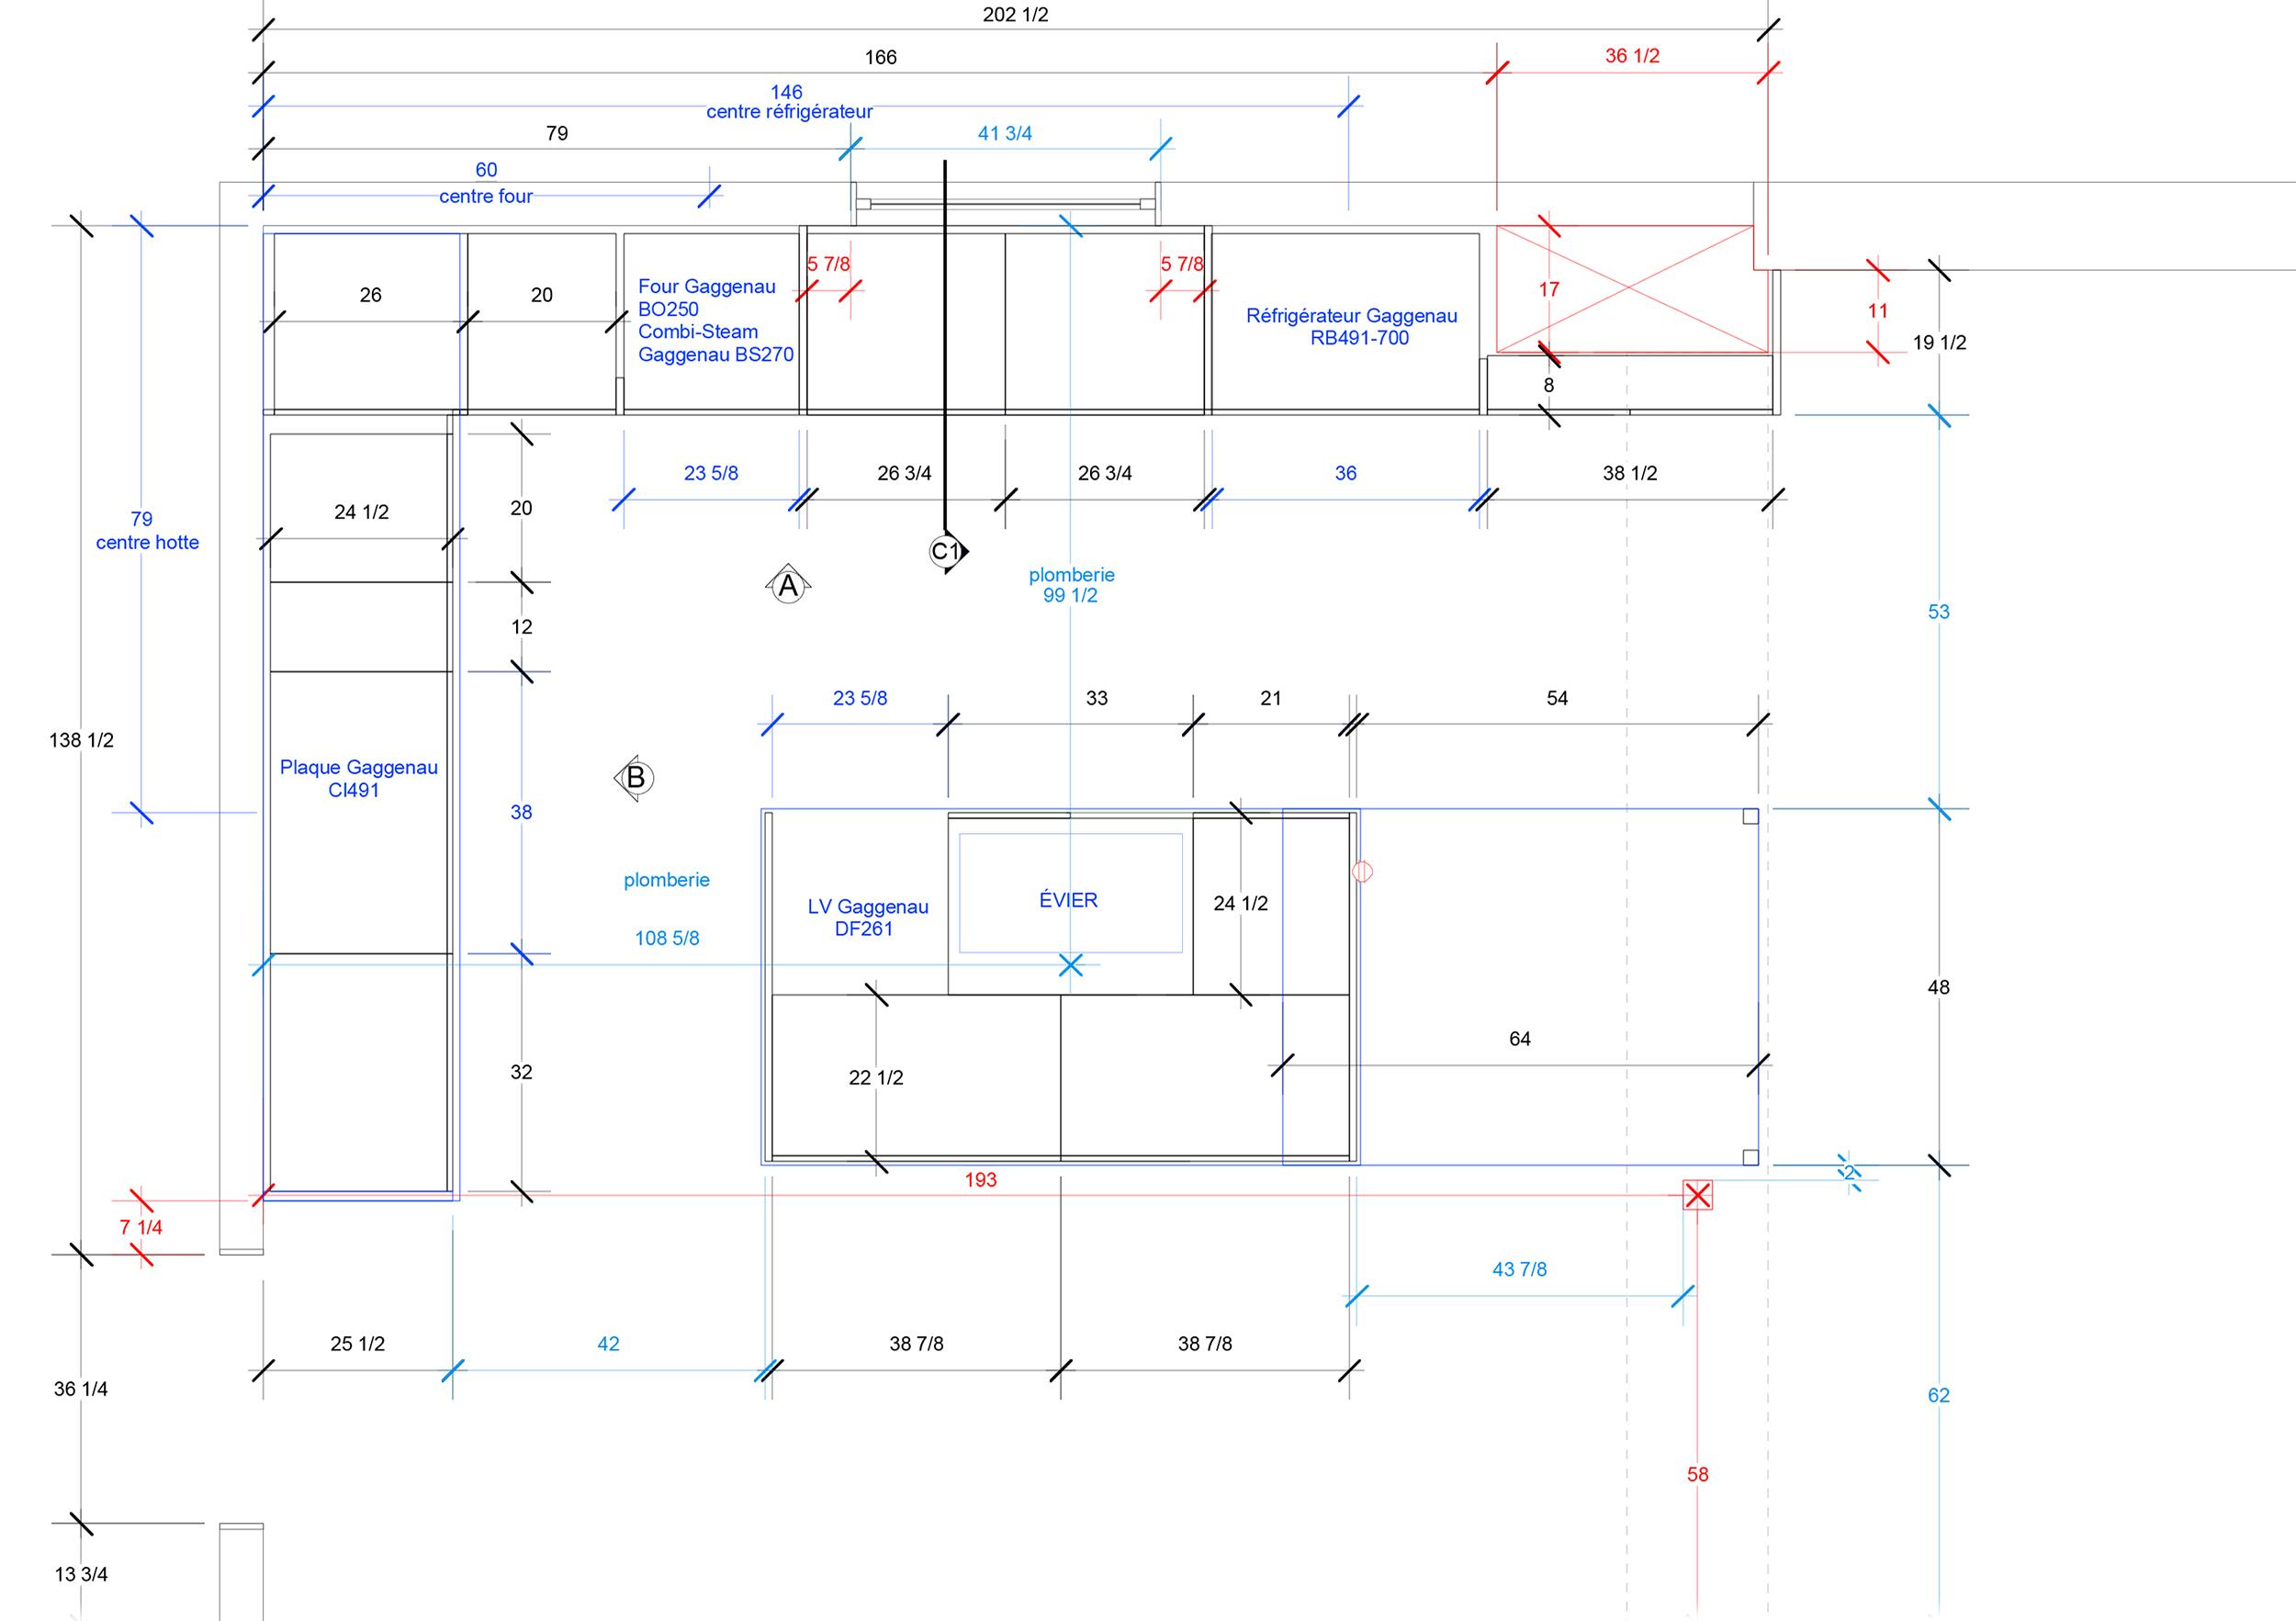 - Cette cuisine/salle de jeu se situe dans l'annexe d'une vieille demeure d'Outremont. Un parfait compromis entre la pièce à vivre et la cuisine de fonction pour une jeune famille pleine d'énergie! Le jeu des miroirs, en guise de dosseret, ajoute cette touche de réflexion qui permet à l'extérieur de pénétrer l'intérieur et d'ajouter une couleur saisonnière à l'espace de vie.Matériaux: stratifié blanc, placage de noyer noir d'Amérique effet planche, dosseret en miroir, comptoir de marbre carrare blanc.